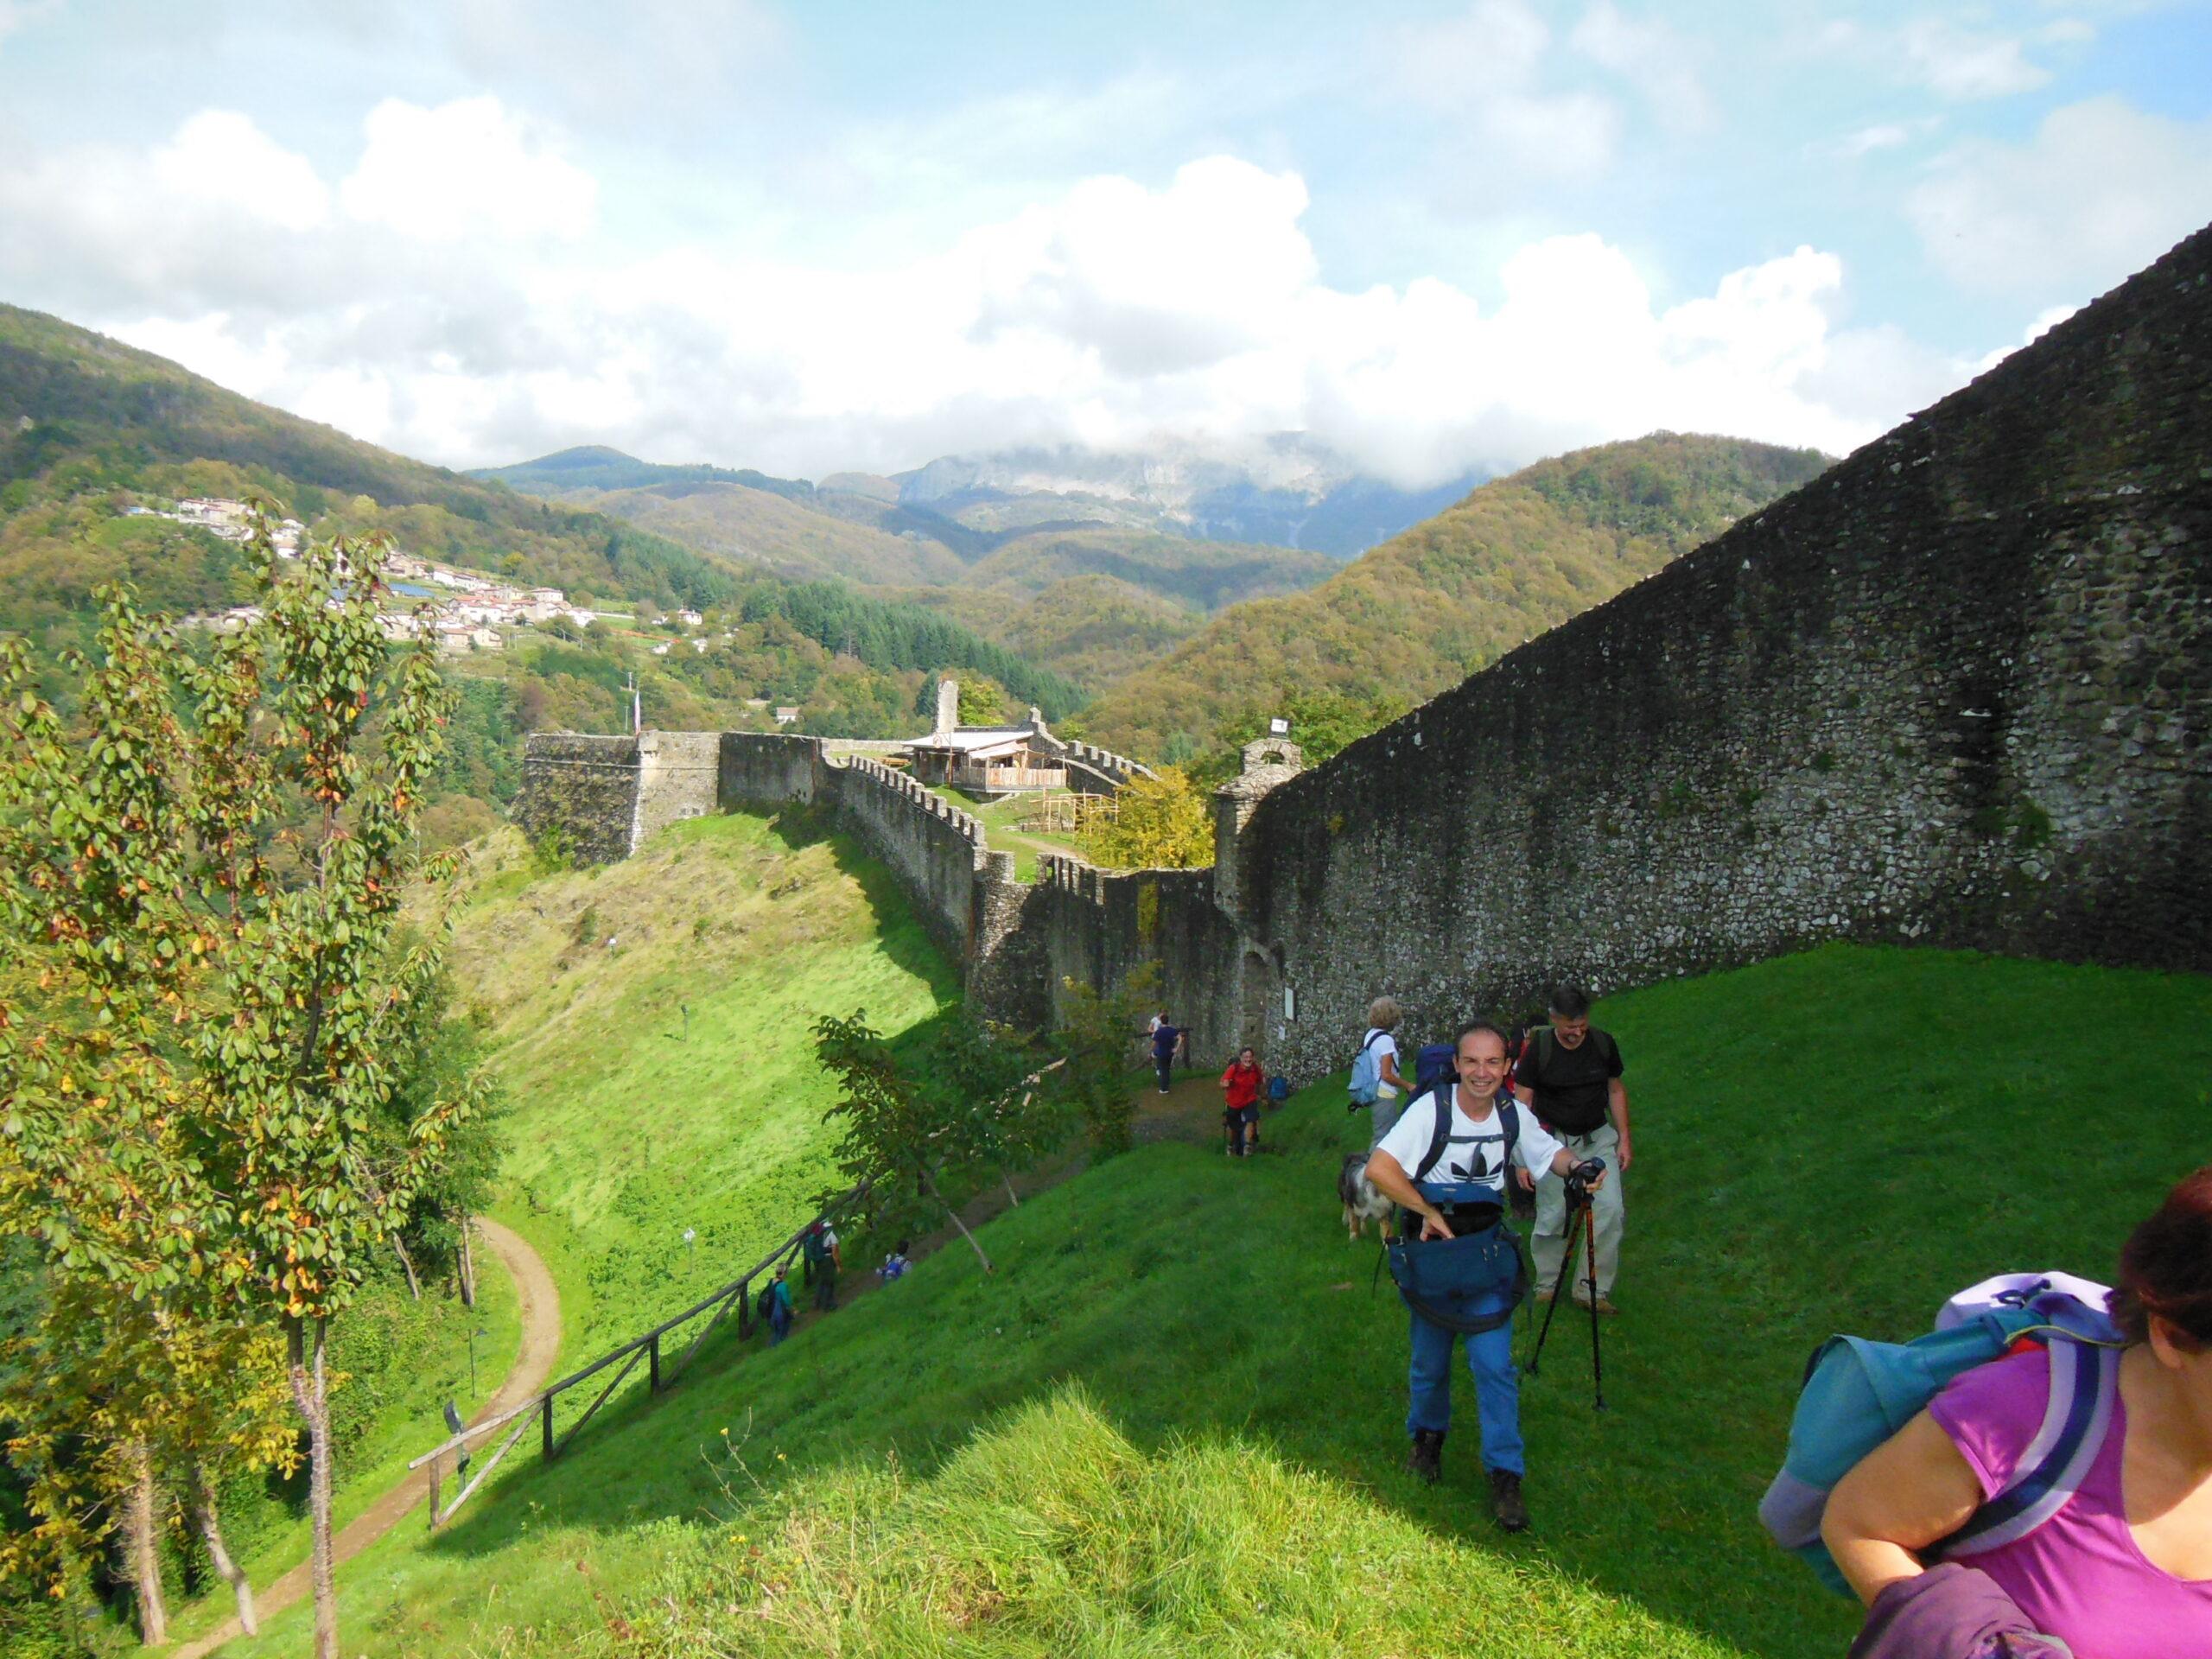 Escursione Fortezza delle verrucole | Naturatour